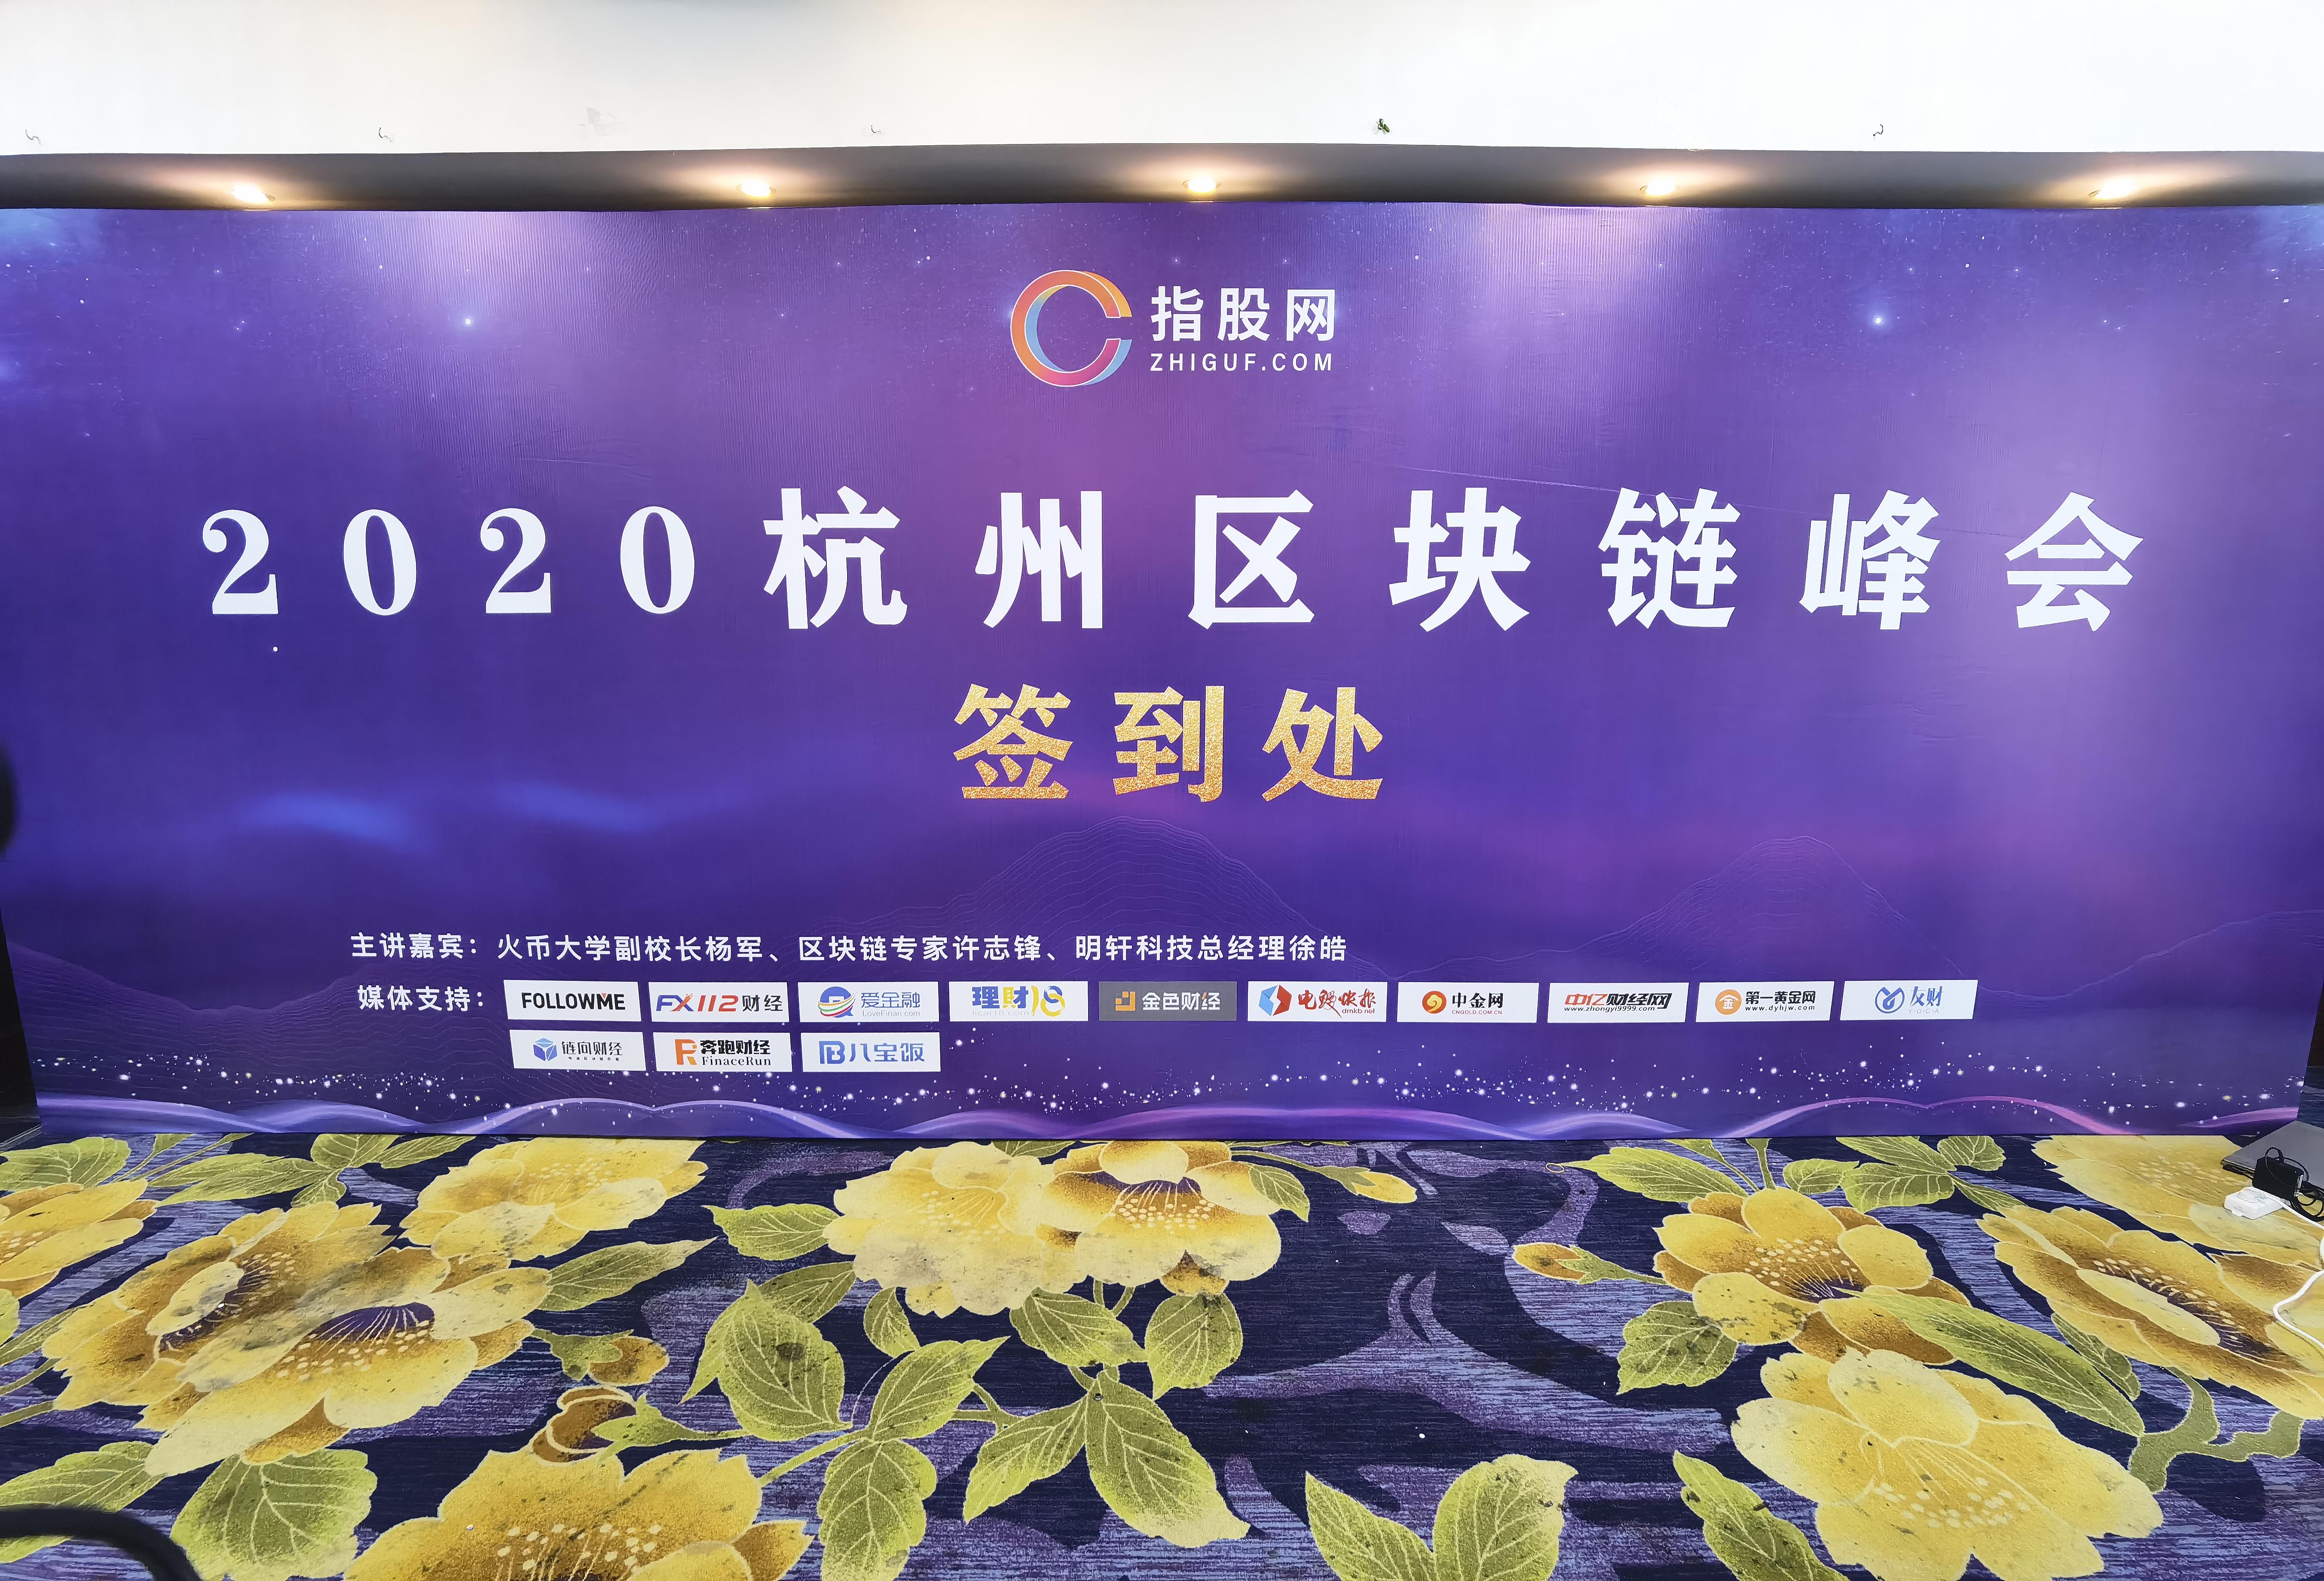 2020年区块链峰会《区块链技术与应用》杭州站取得圆满成功